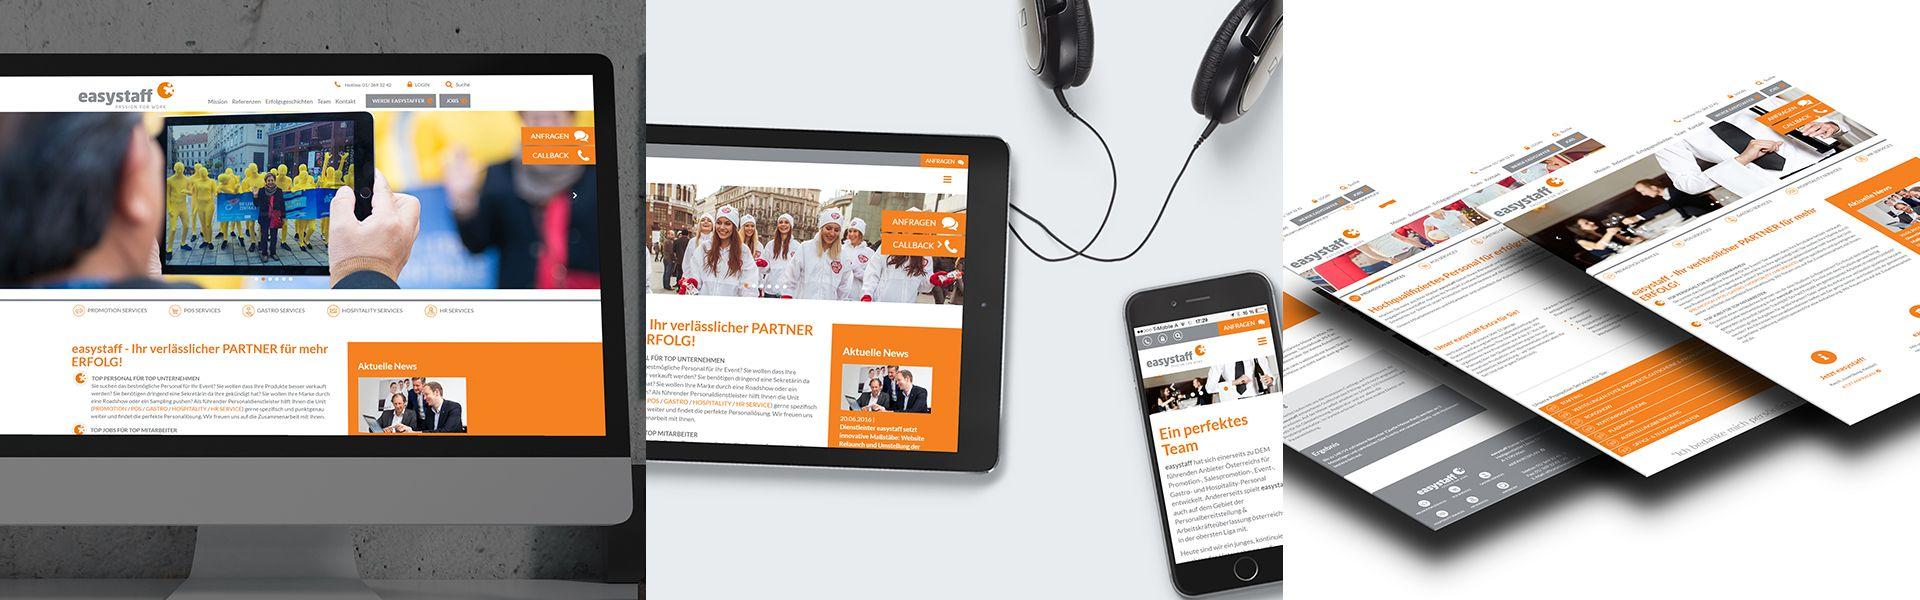 Collage diverser Ansichten der easystaff-Homepage